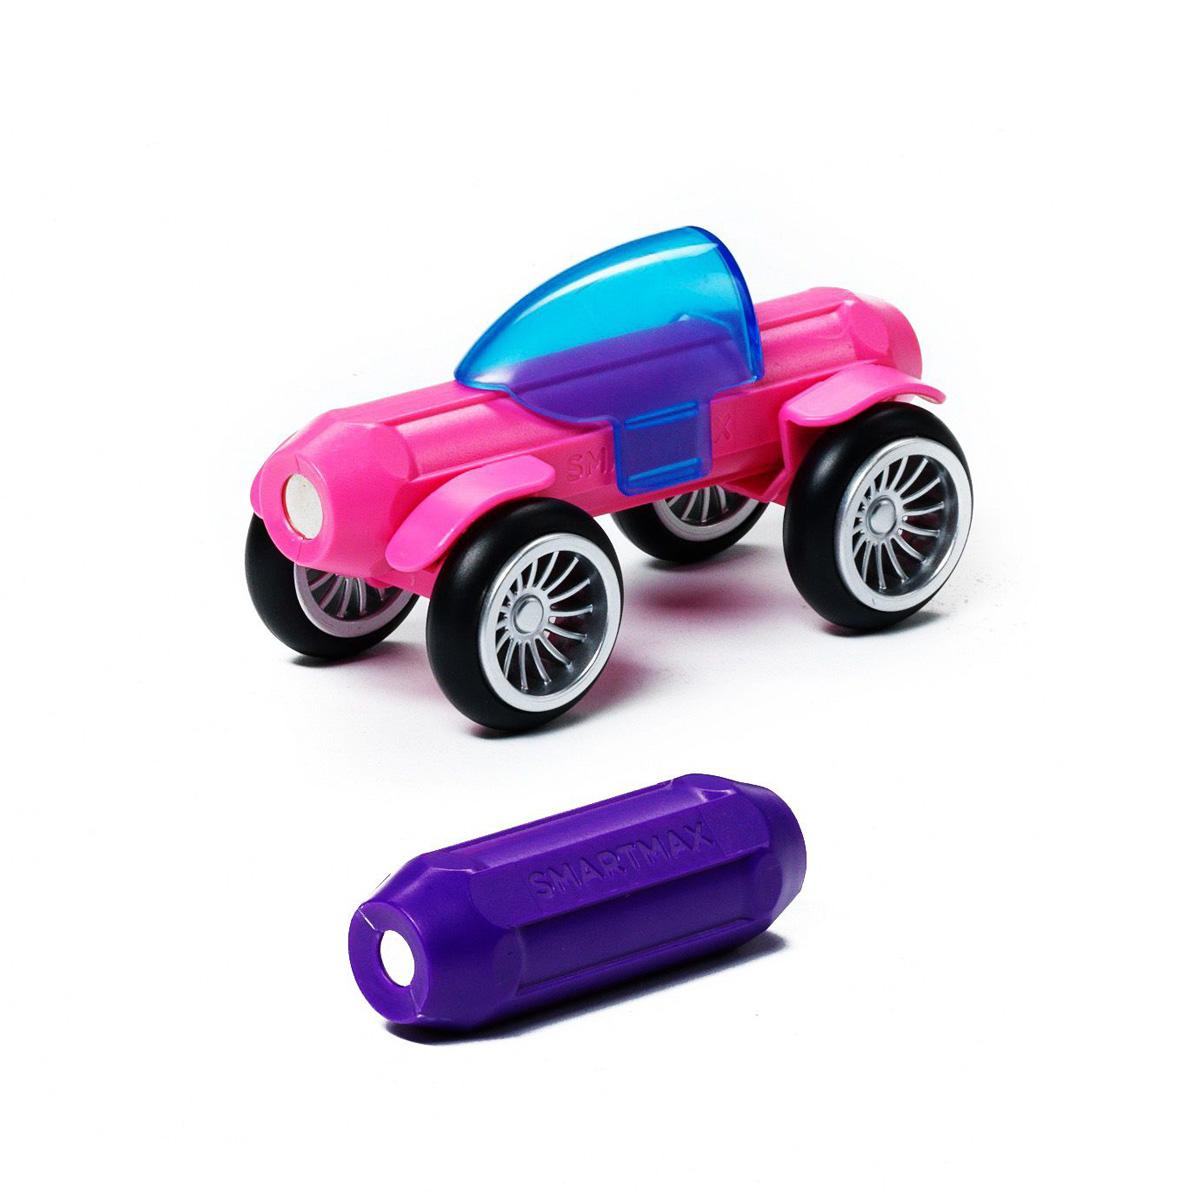 Bondibon SmartmaxКонструктор магнитный Специальный набор Розовый и фиолетовый